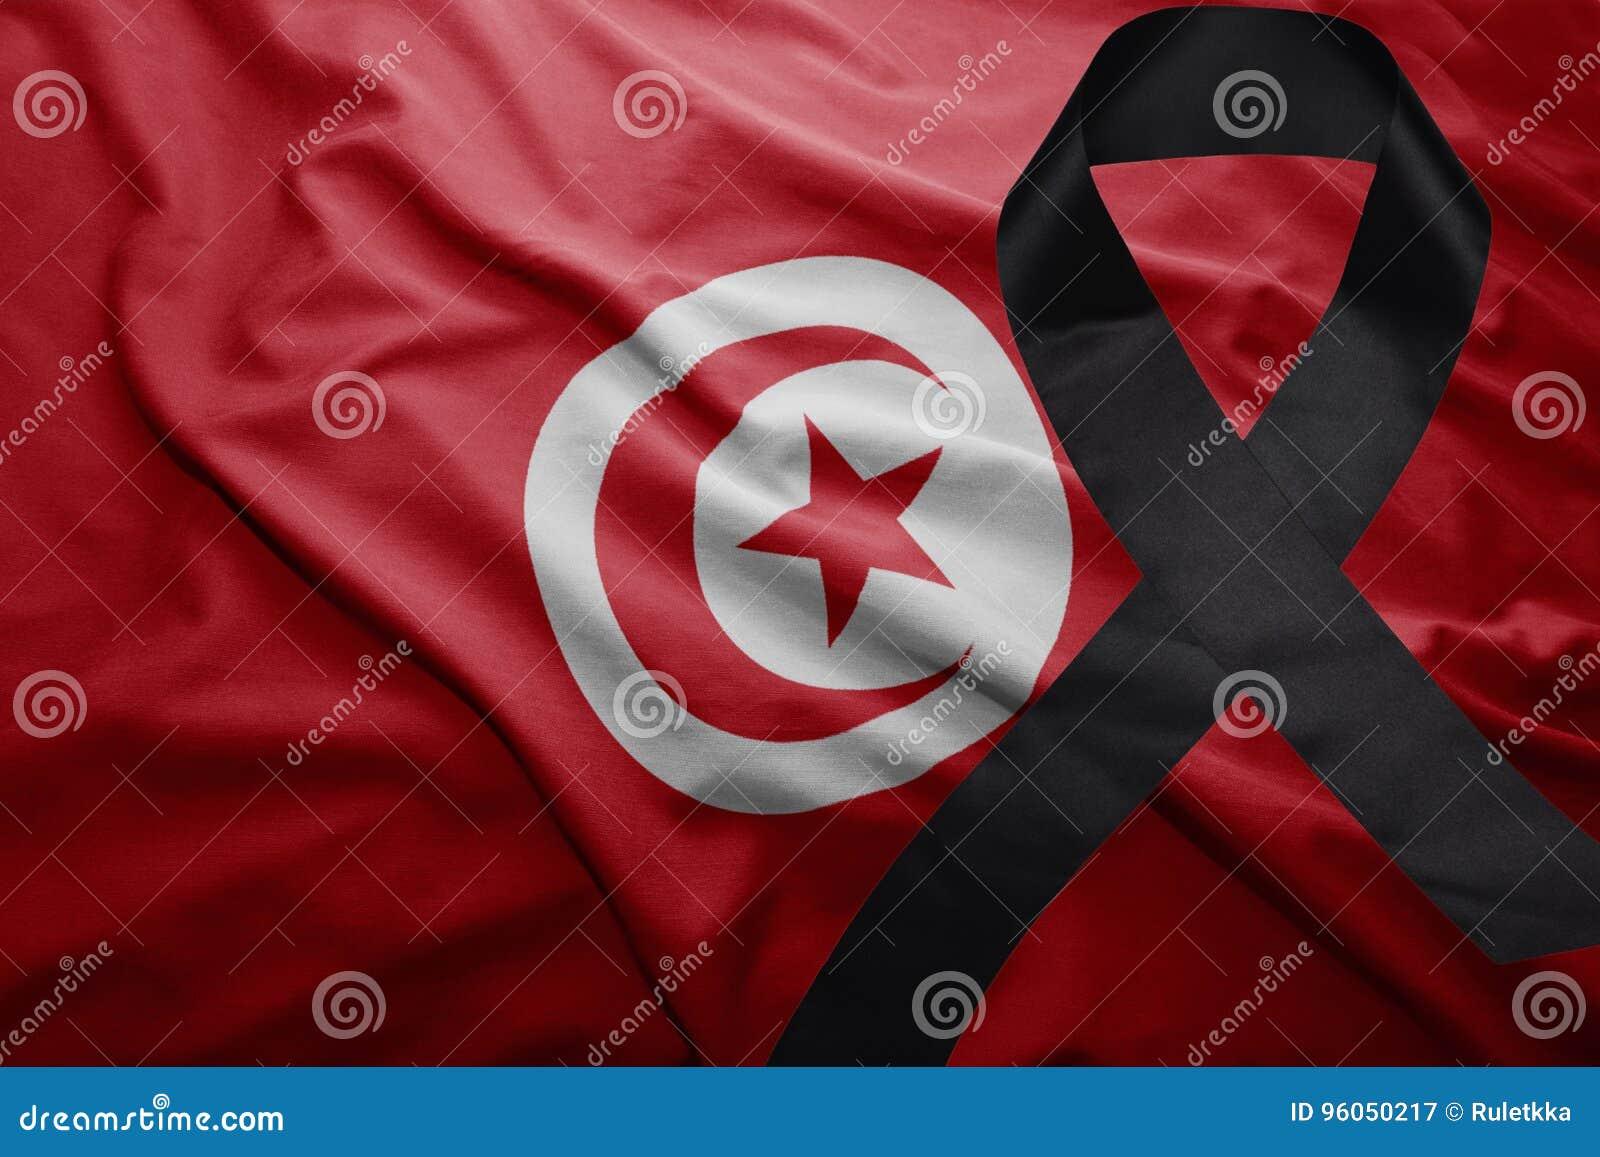 Drapeau de la Tunisie avec le ruban de deuil noir